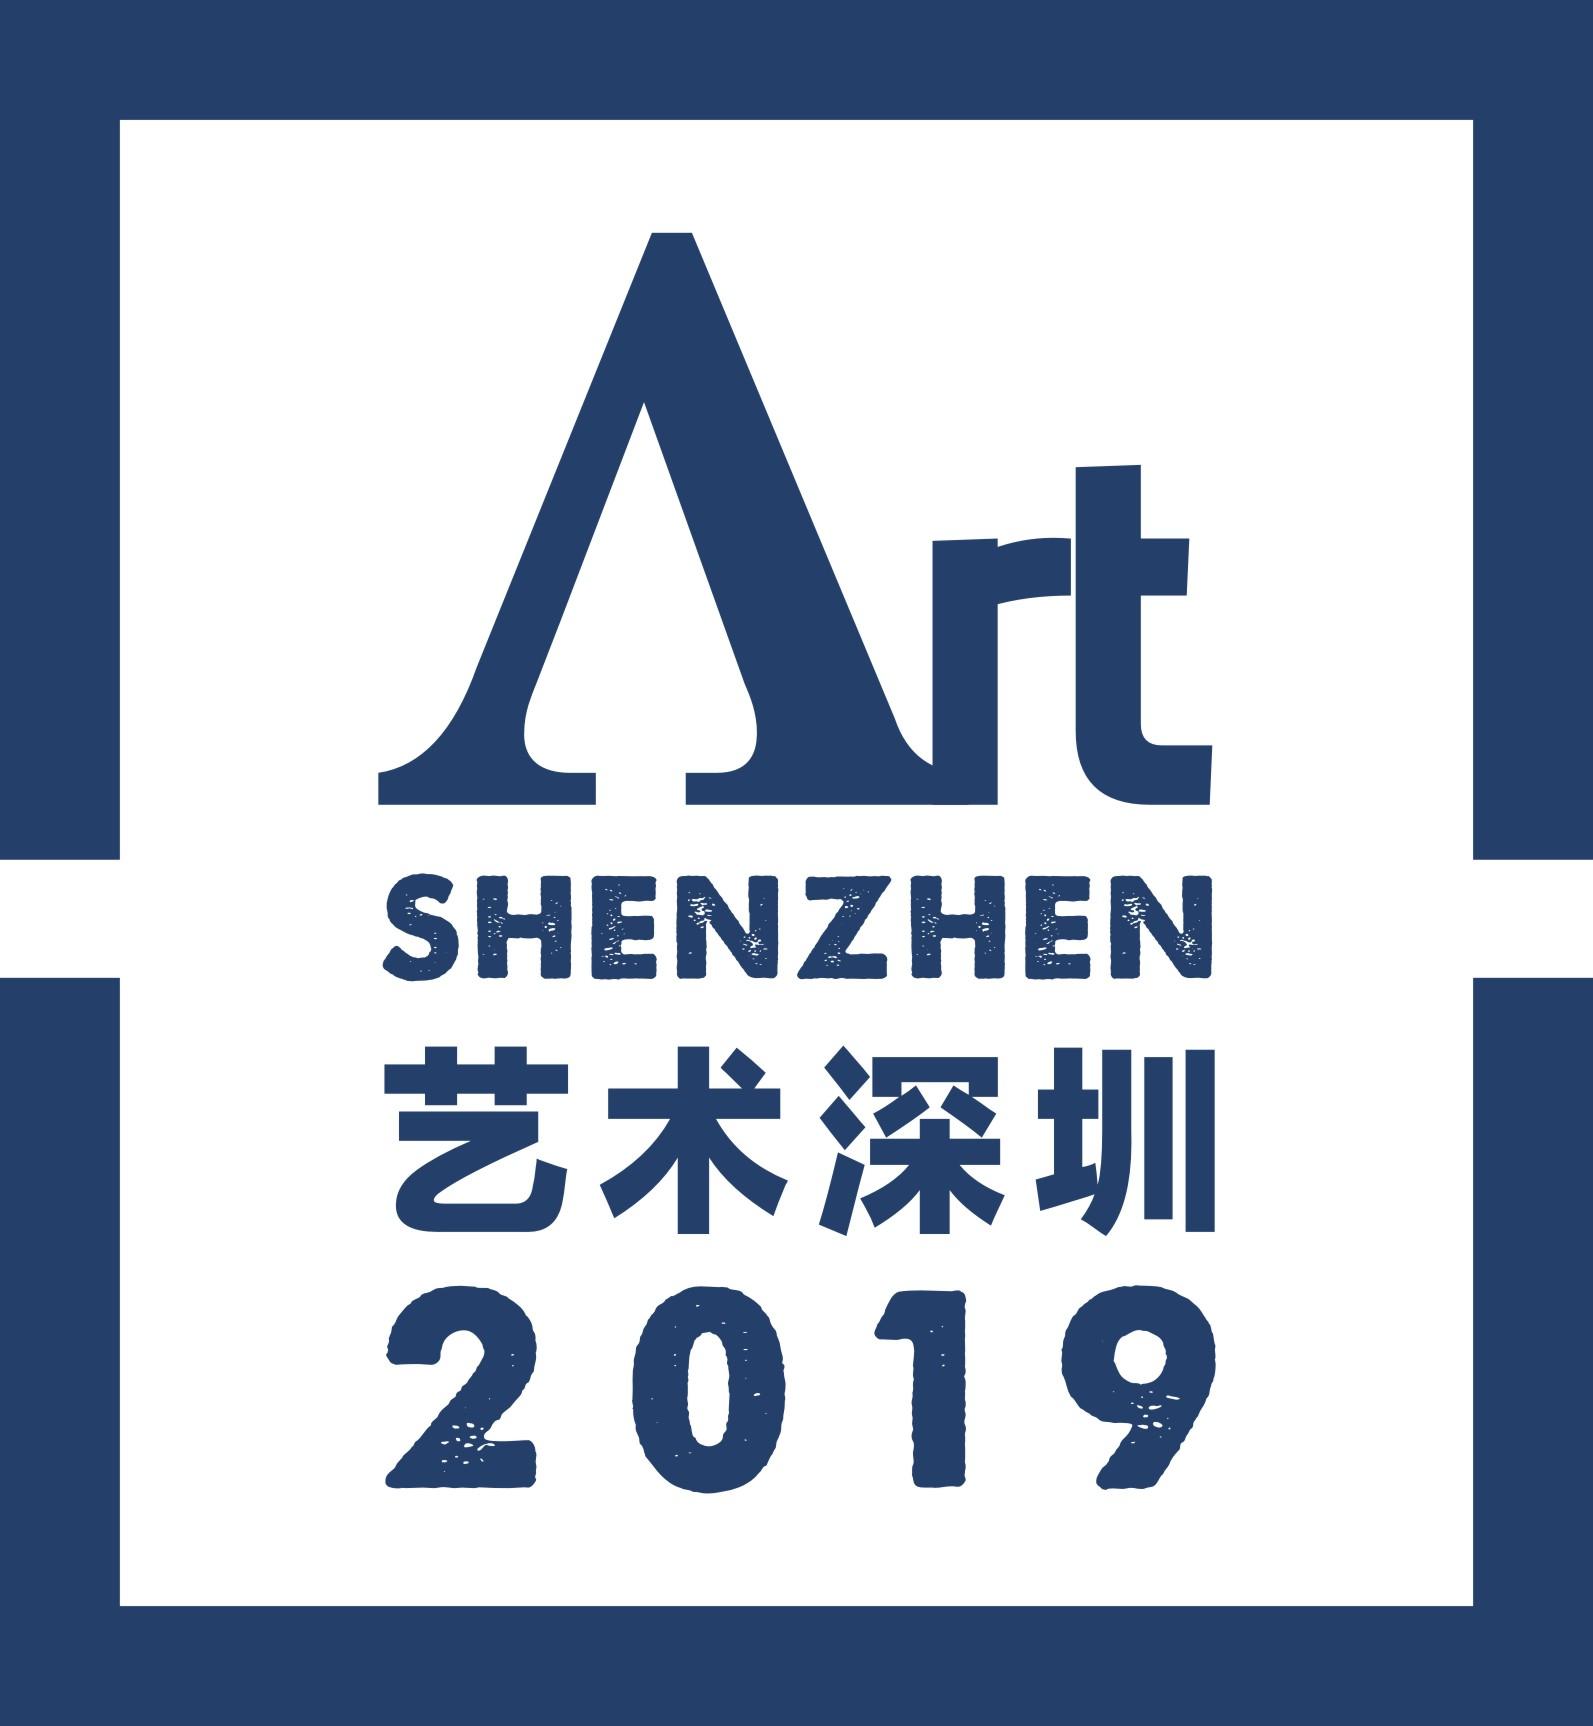 艺术深圳英文网站